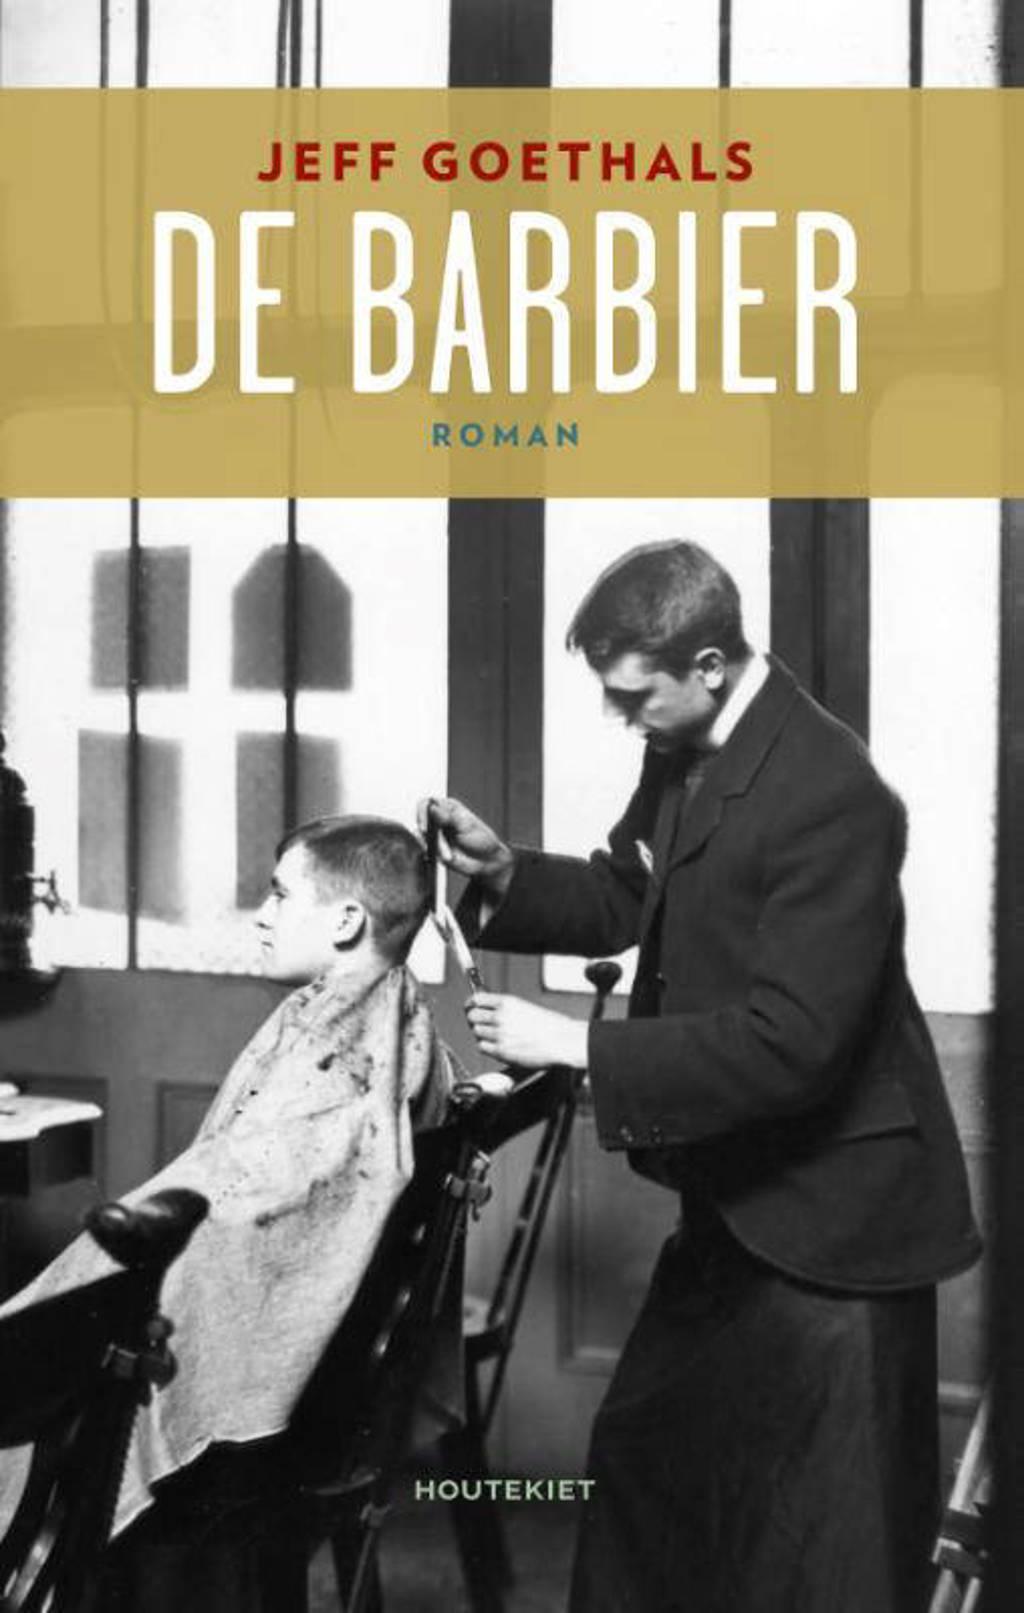 De barbier - Jeff Goethals